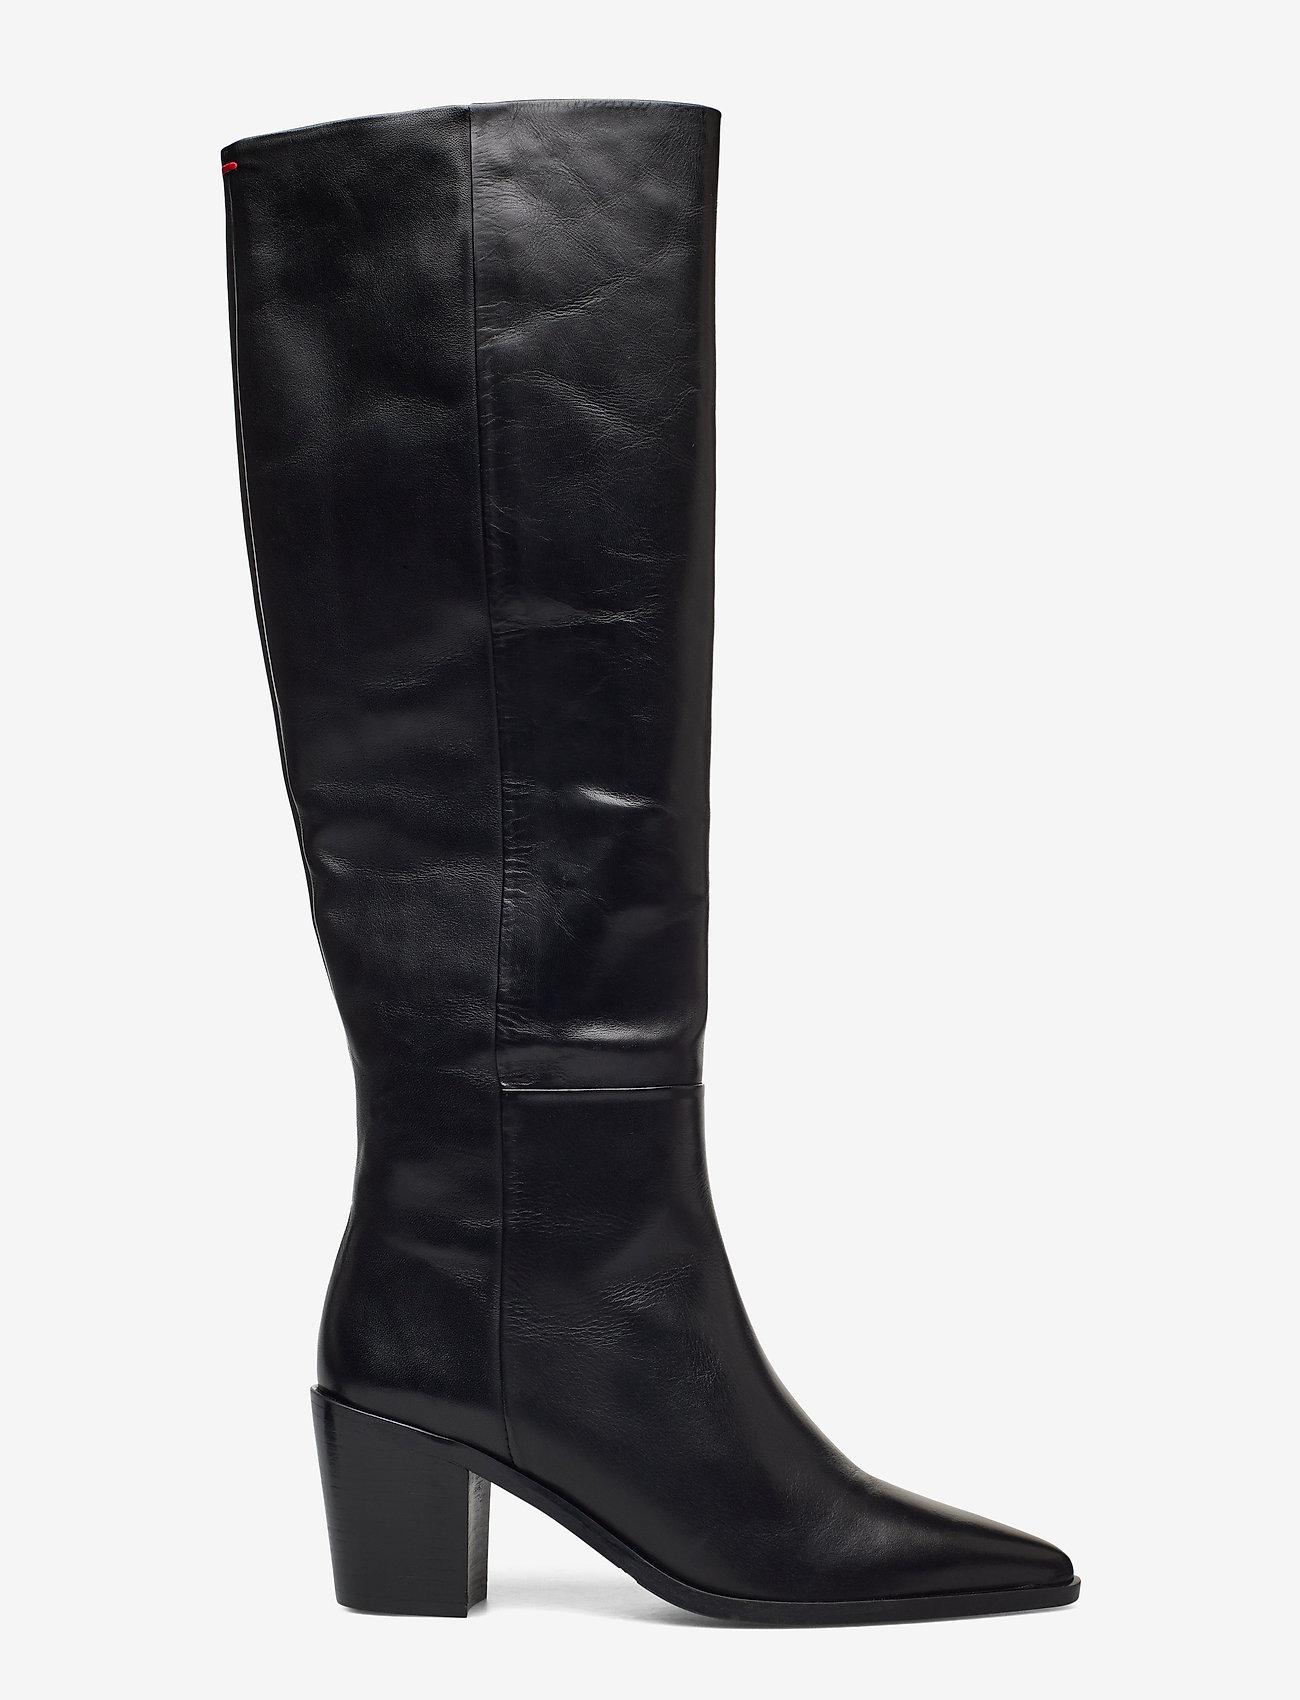 Billi Bi - Boots 4945 - lange laarzen - black calf 80 - 1